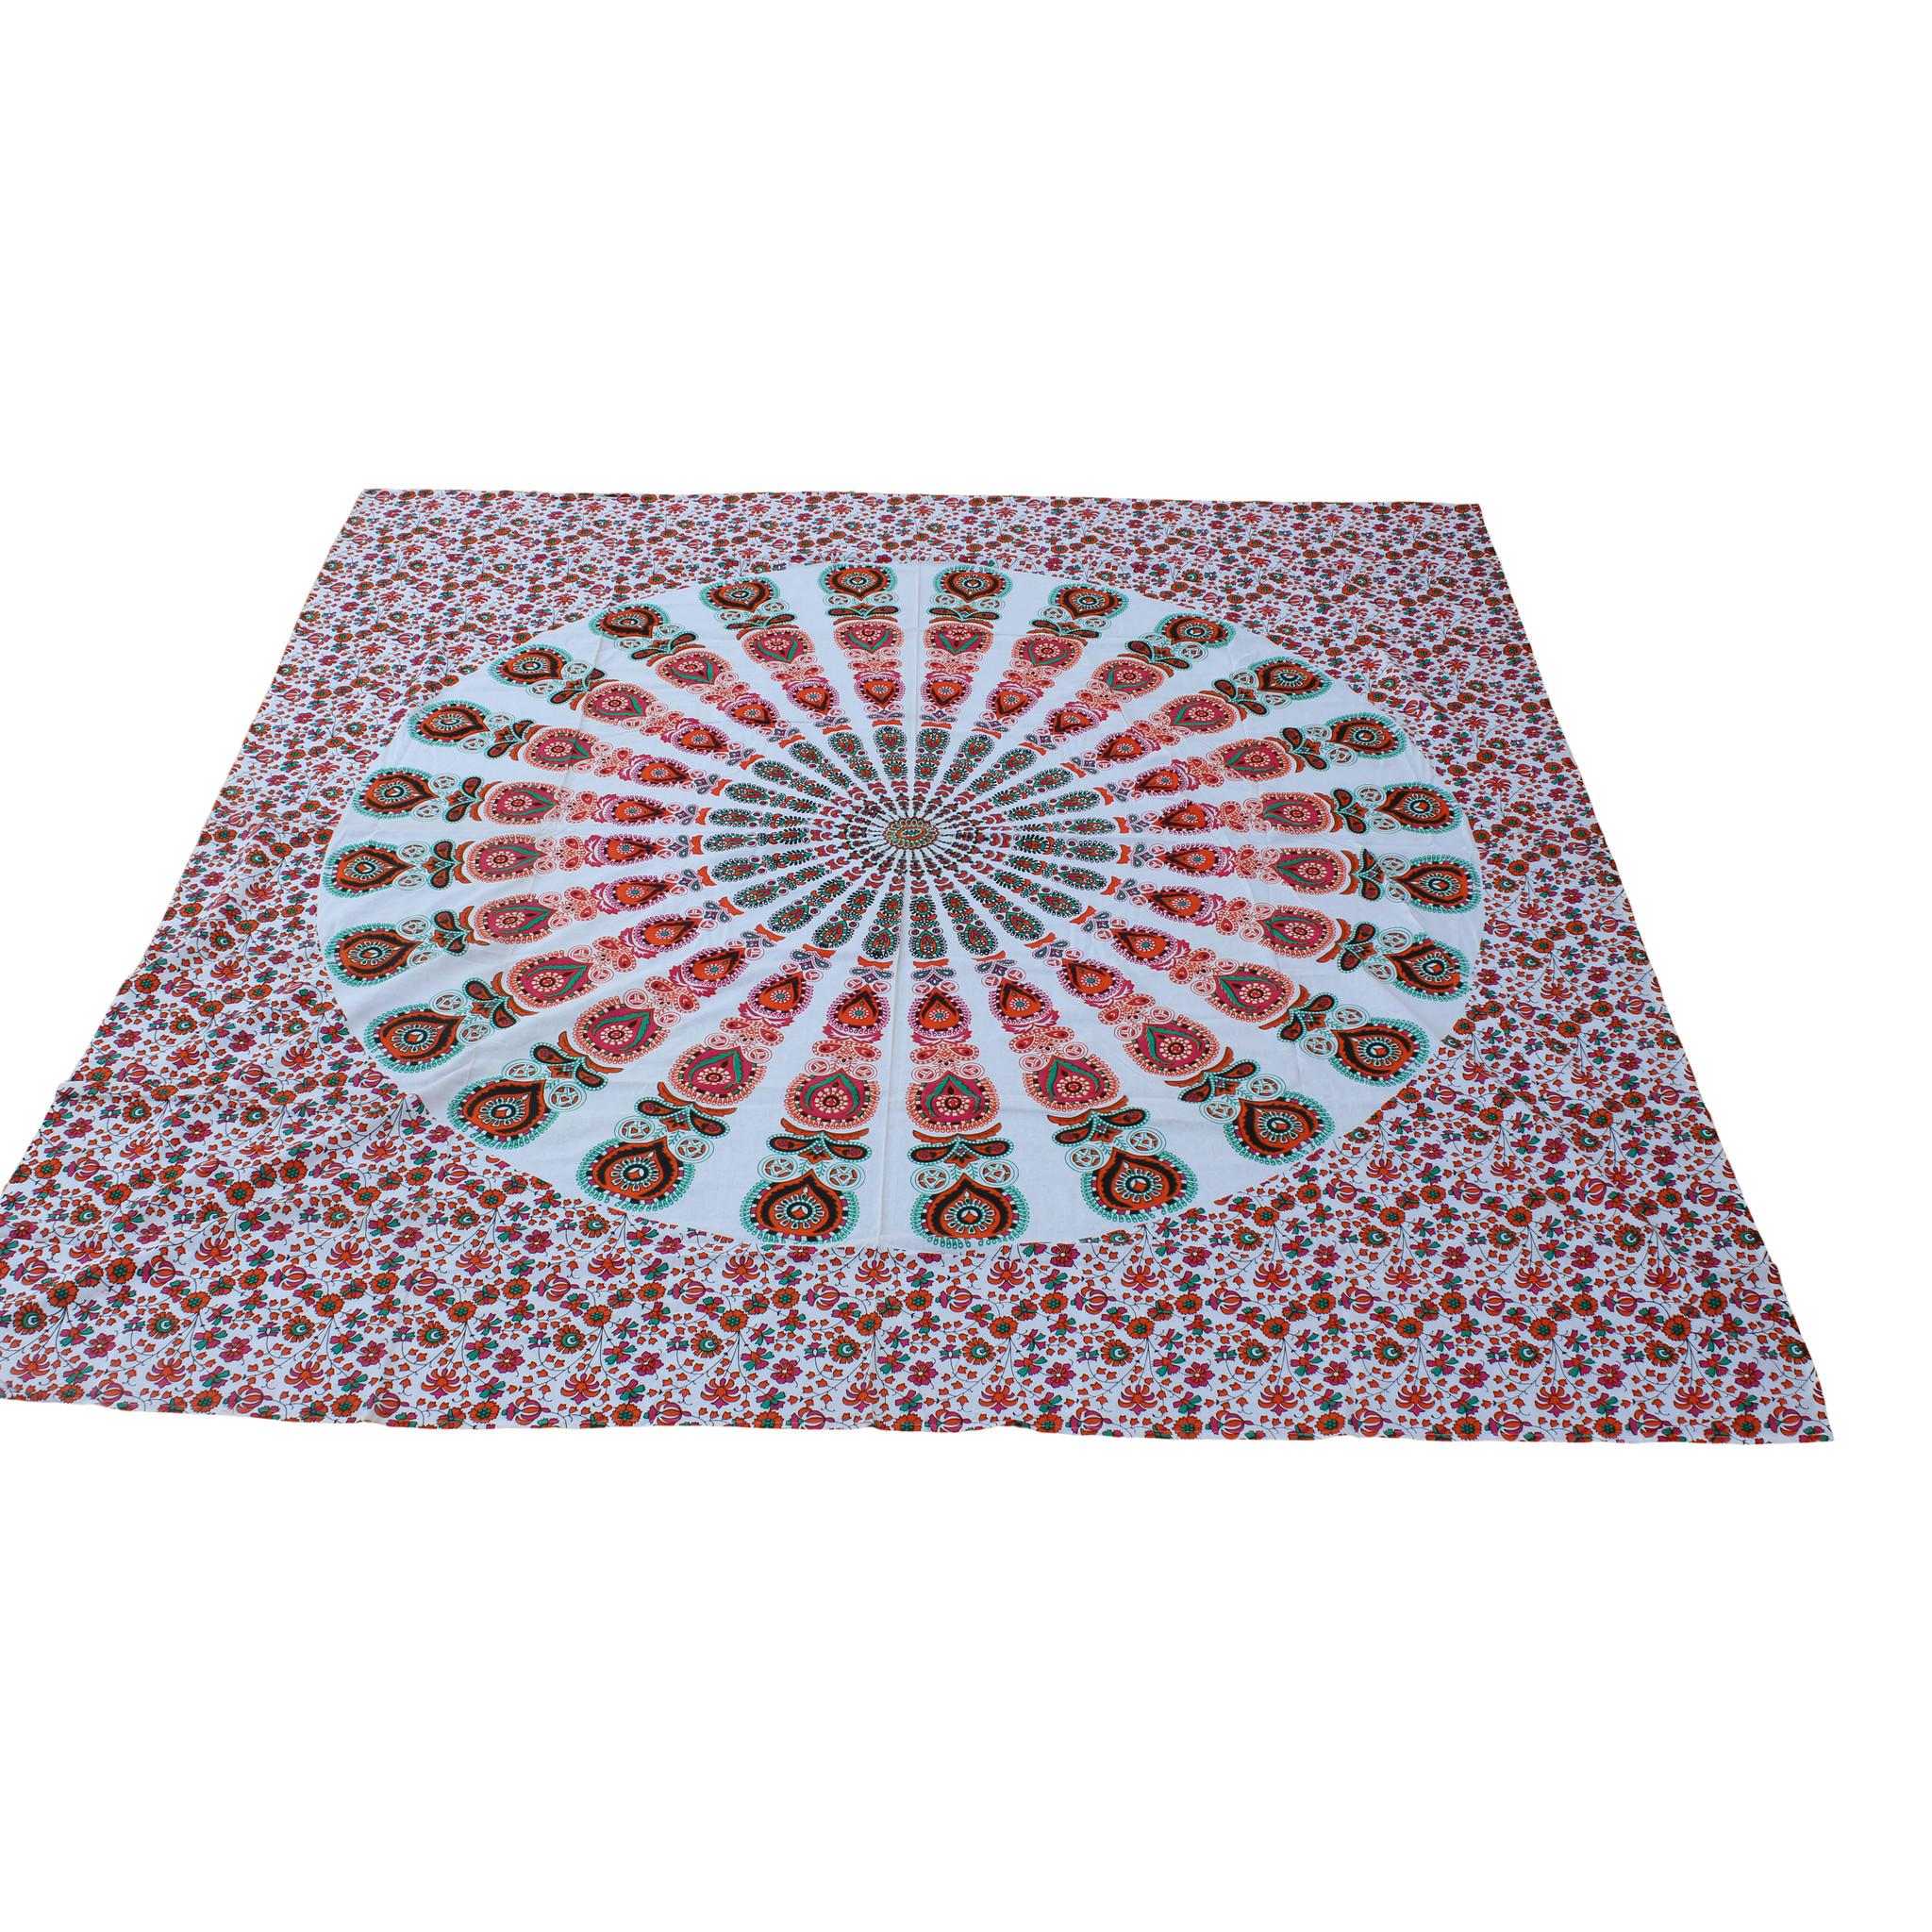 Myroundie Myroundie - roundie - vierkant strandlaken XL – yoga kleed- speelkleed - picknickkleed -100% katoen – Q17